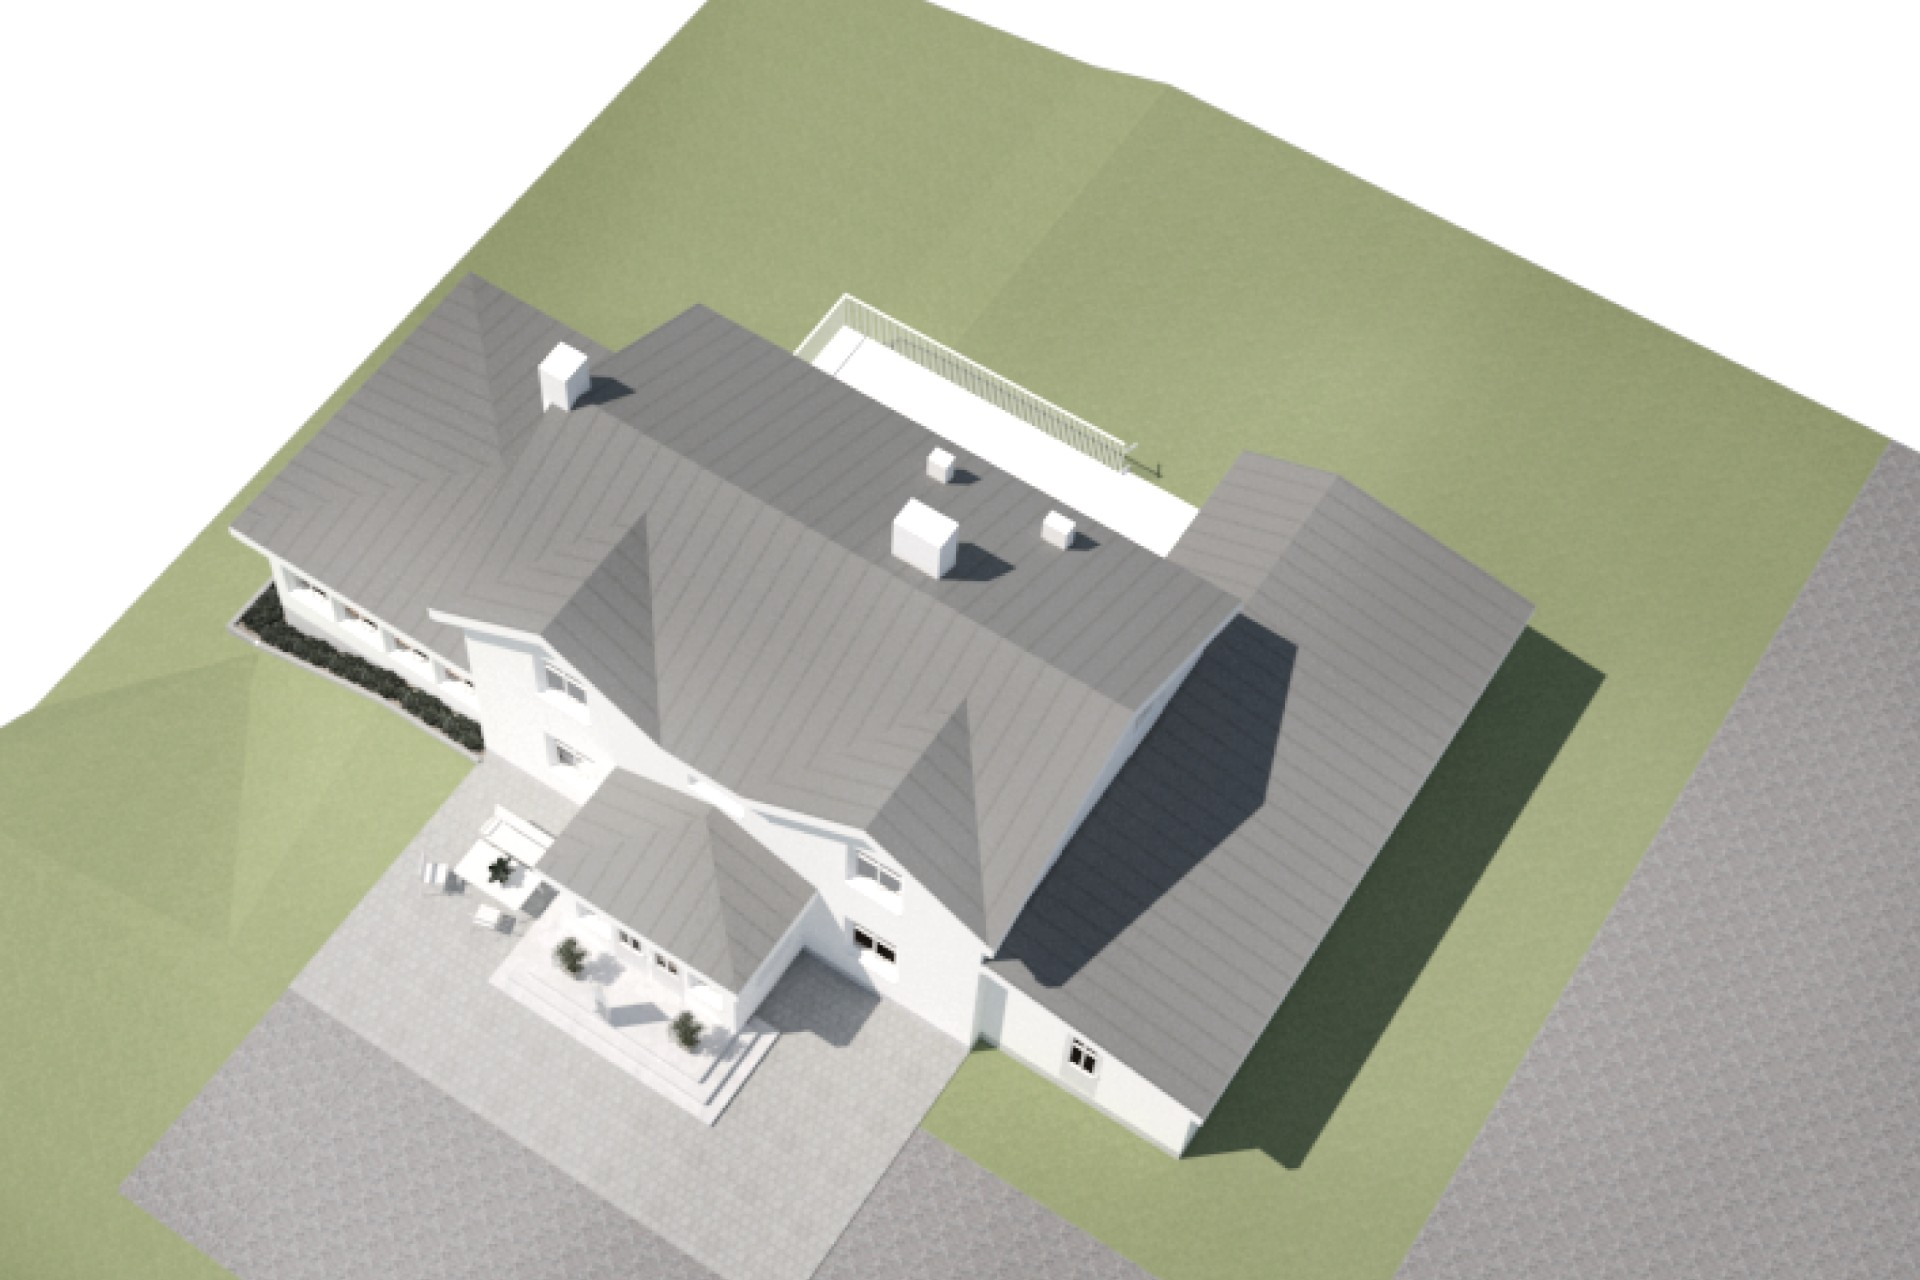 bilder-projekt-villa-holm03